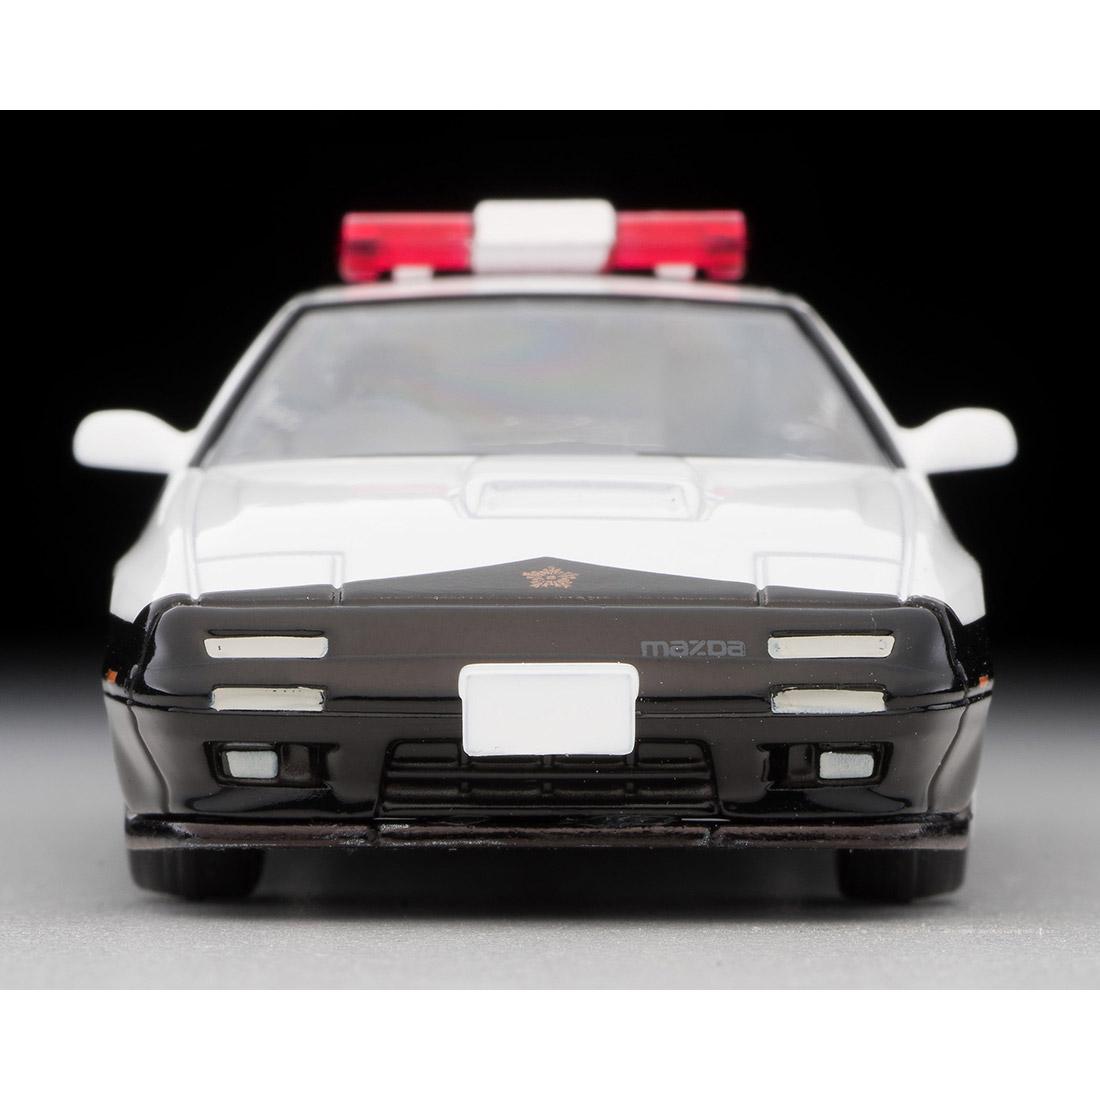 トミカリミテッドヴィンテージ ネオ『LV-N214a マツダ サバンナRX-7 パトカー(警視庁)』ミニカー-003